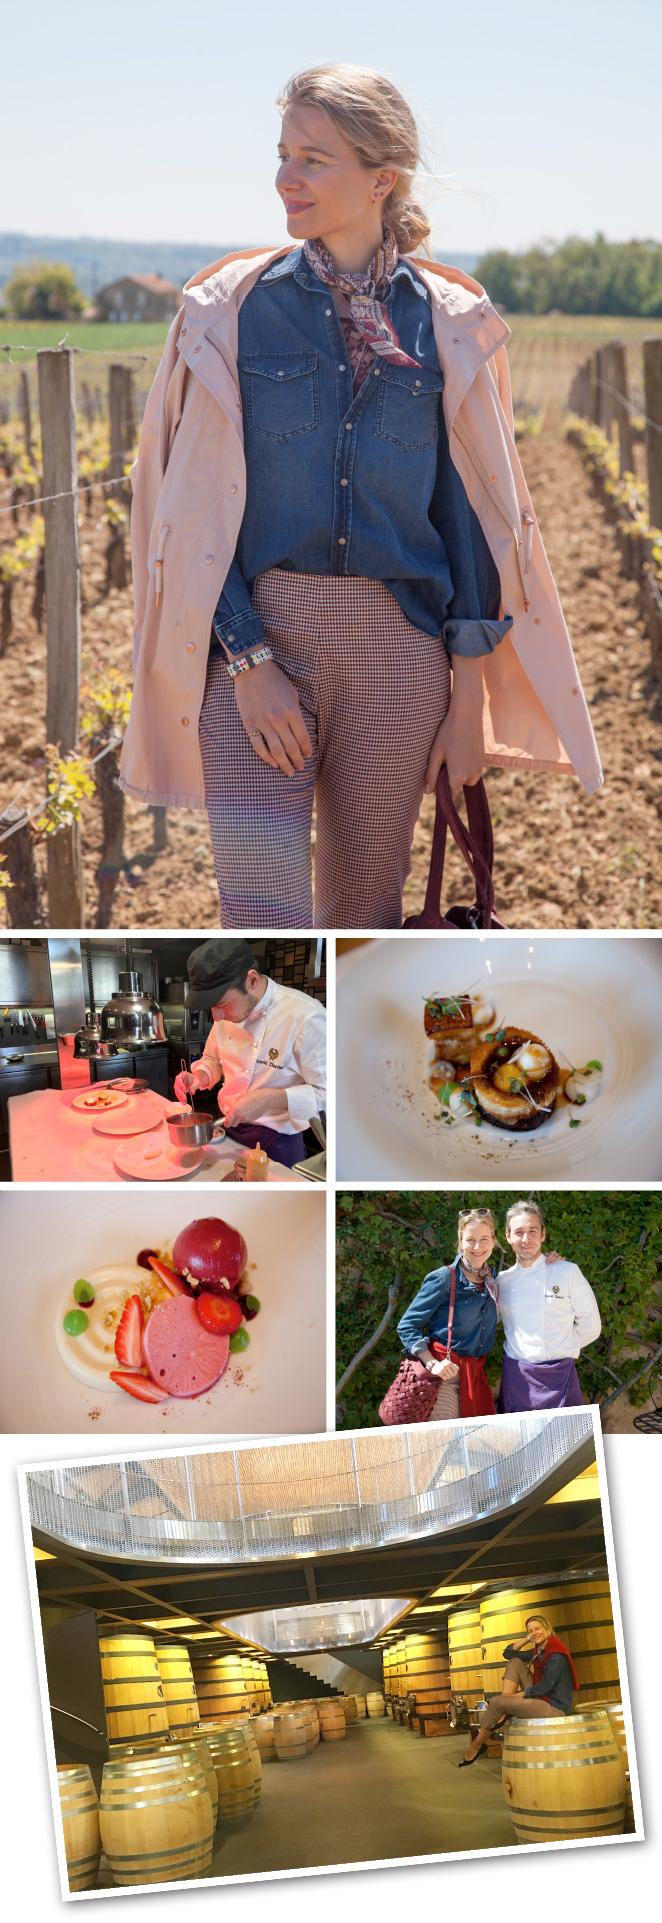 Troplong Mondot que tiene viñedos de agroecología, sin insecticidas ni pesticidas, y están dedicados al enoturismo. De hecho, es el único viñedo de la zona cuyo restaurante, Belles Perdrix, a cargo del chef David Charrier, cuenta con una estrella Michelin.